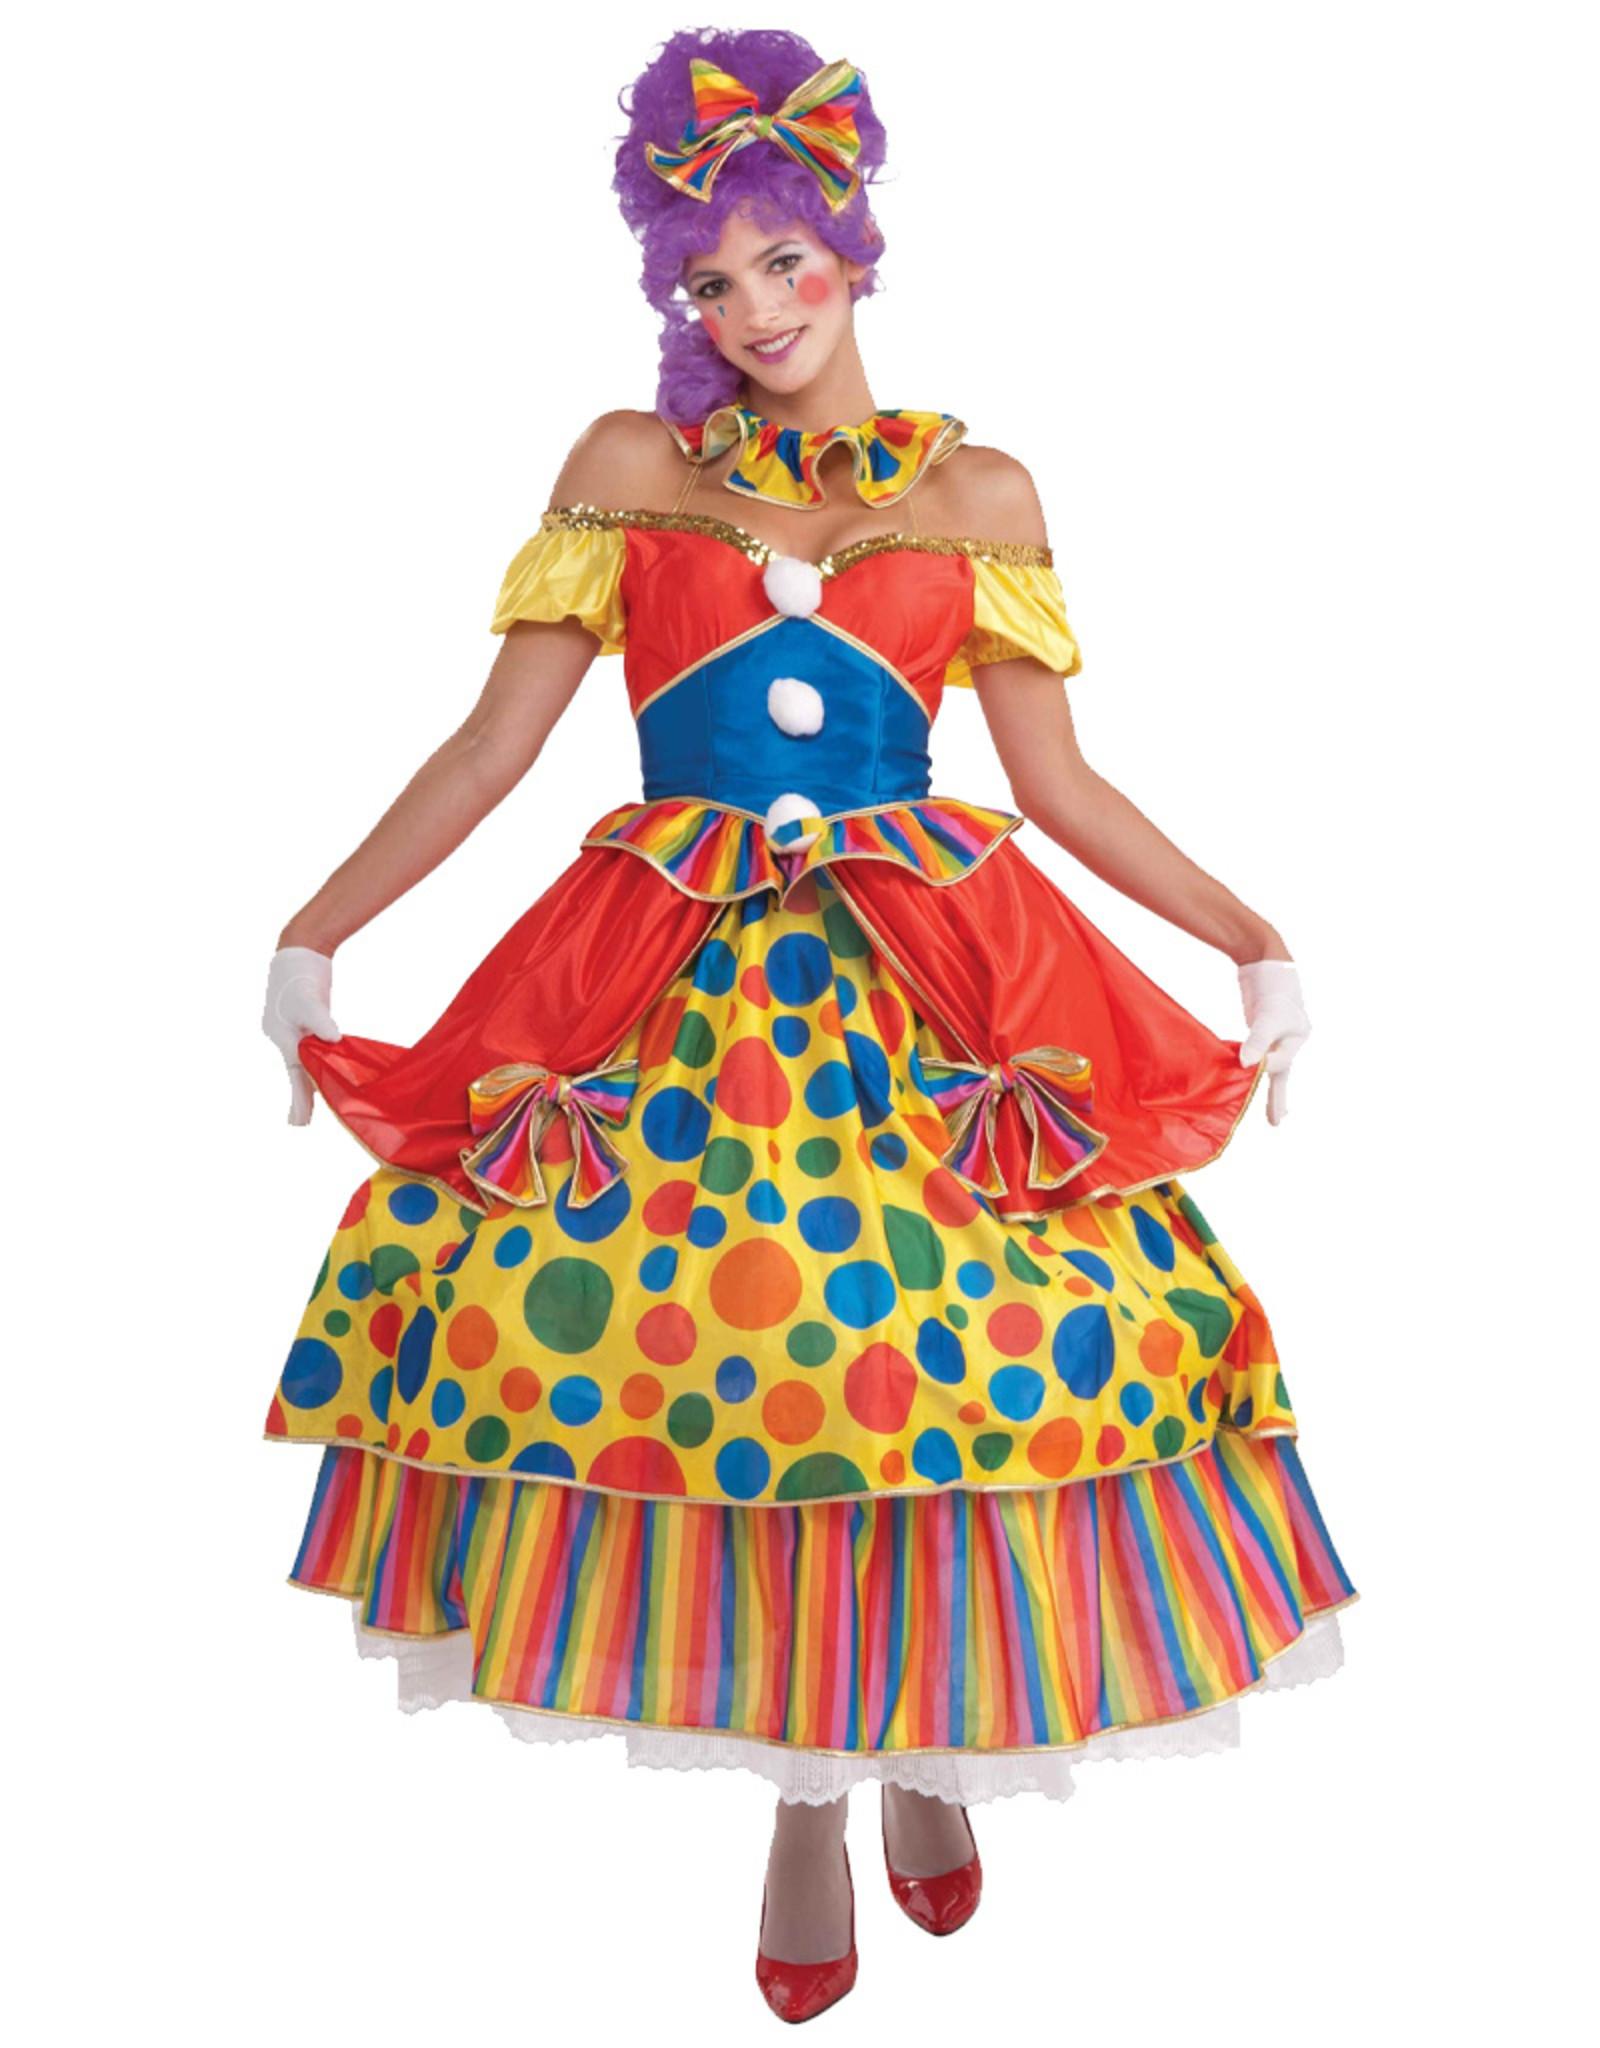 Belle of the Big Top Costume - Women's